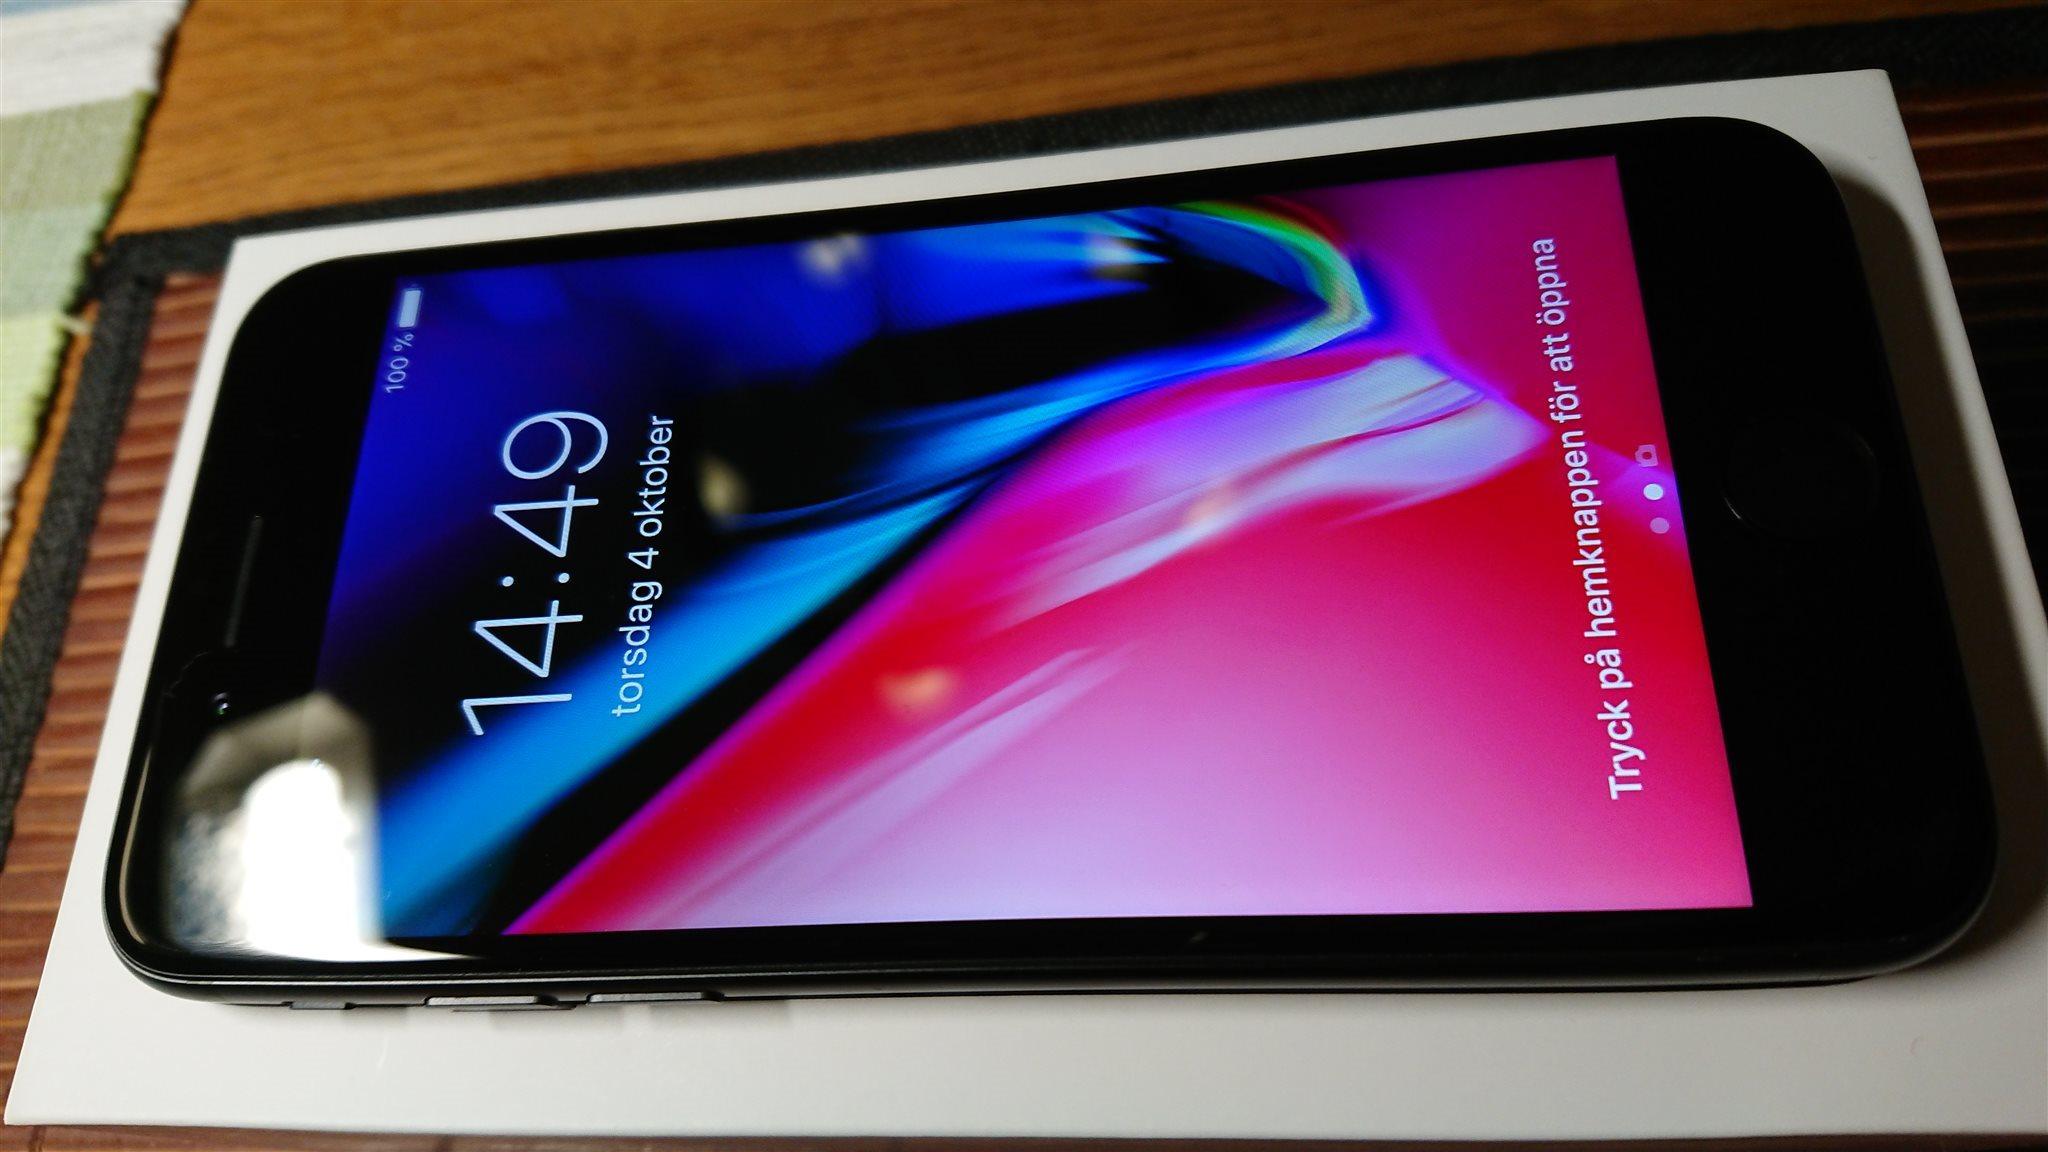 Iphone 7 Black 32gb Toppskick Olst Garanti 328239200 Kp P 32 Gb Garansi Resmi